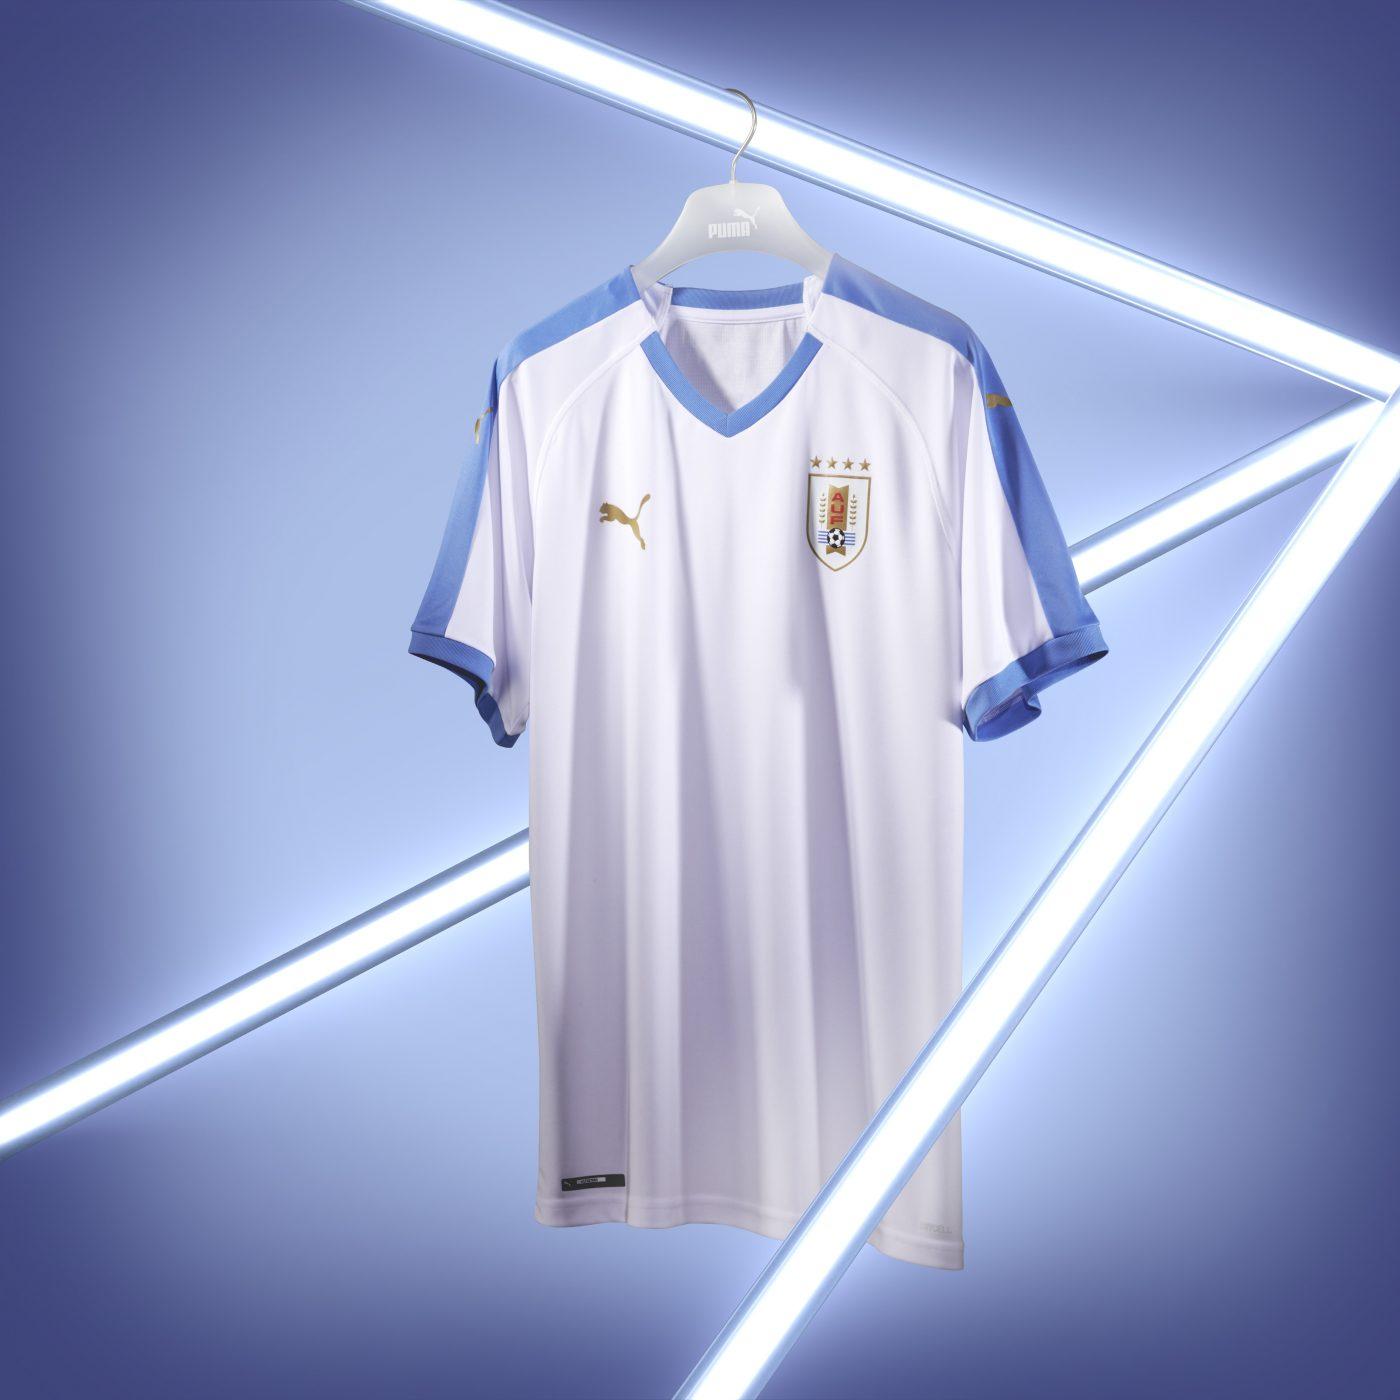 maillot-exterieur-uruguay-2019-puma-copa-america